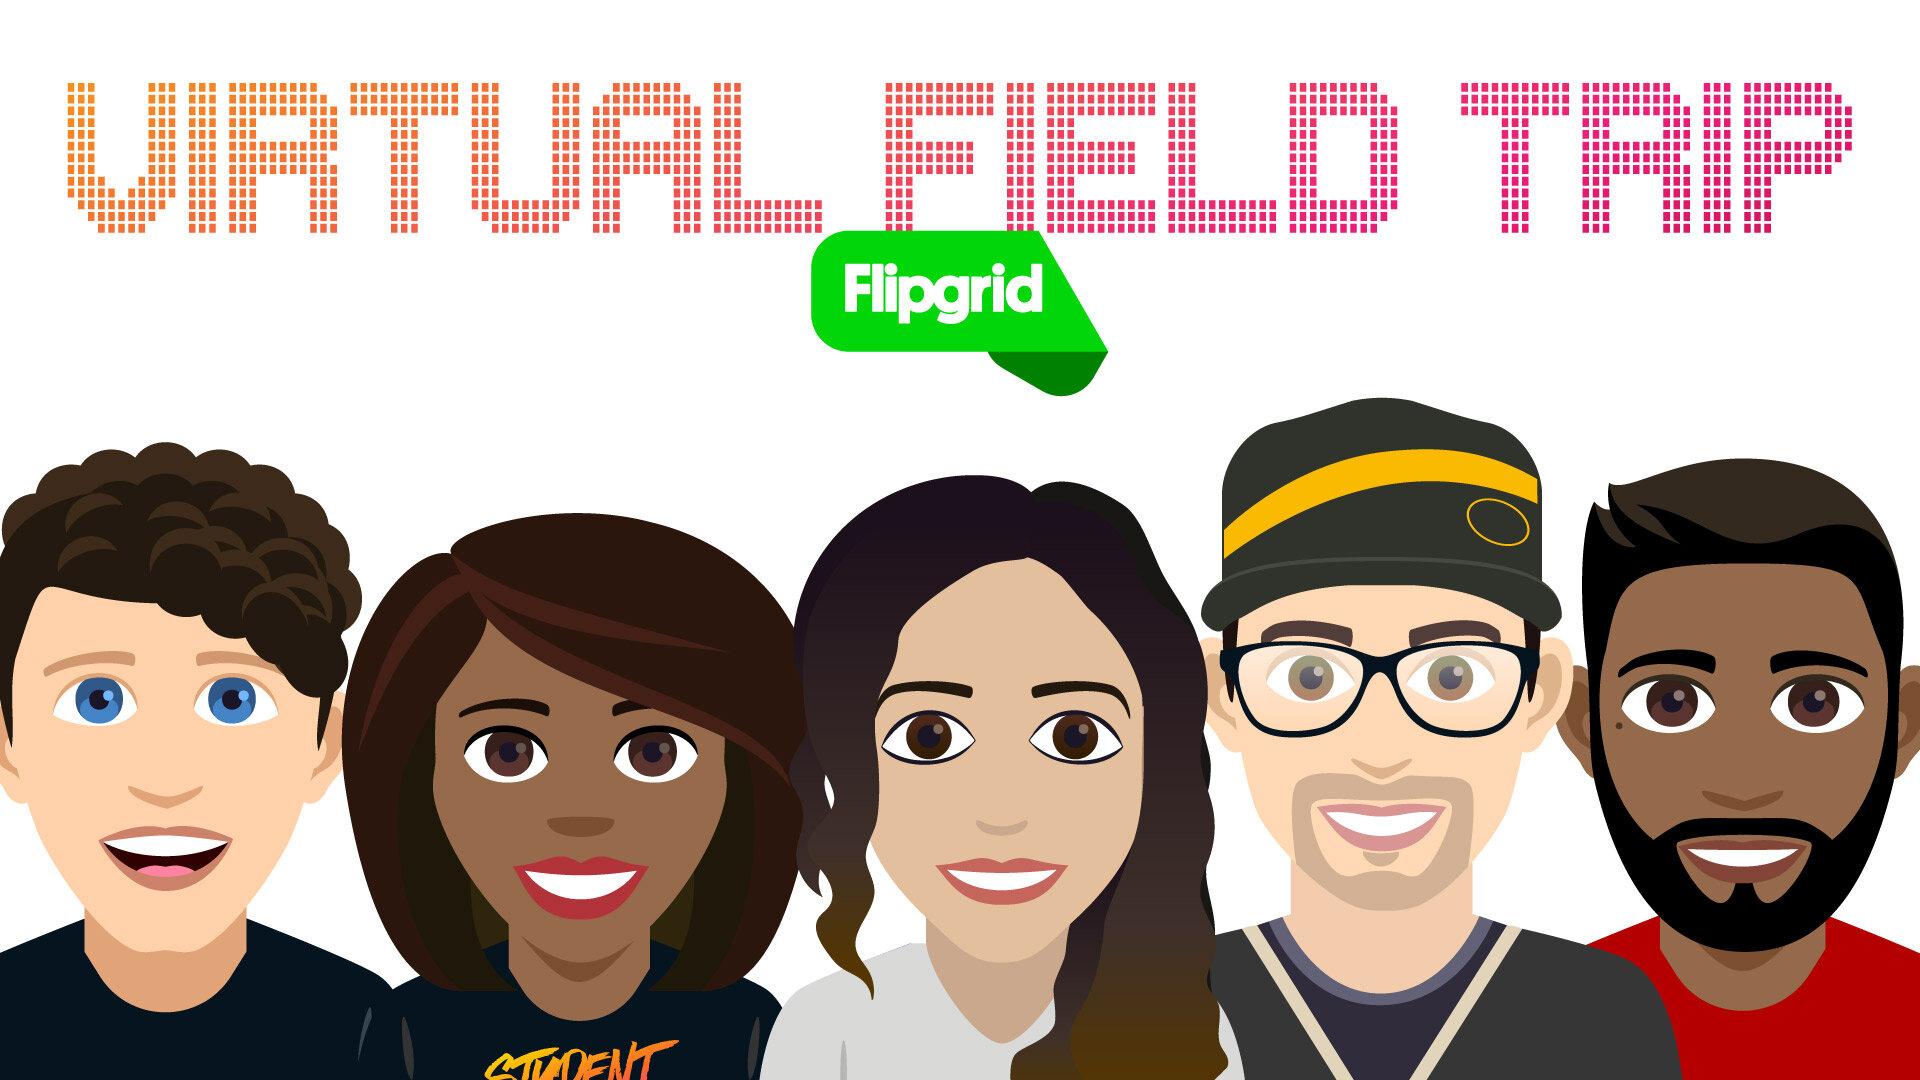 Virtual_FieldTrip_Flipgrid_17October2019.jpg